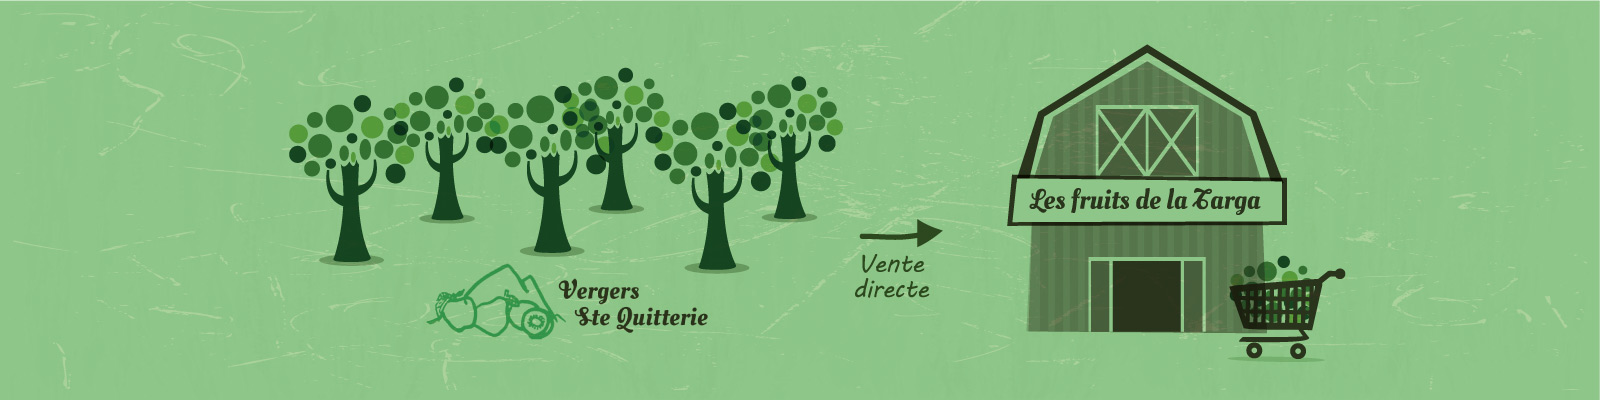 Retrait de vos fruits, légumes et produits du terroir sur place aux vergers ou dans nos point retrait sur Pau et agglomération